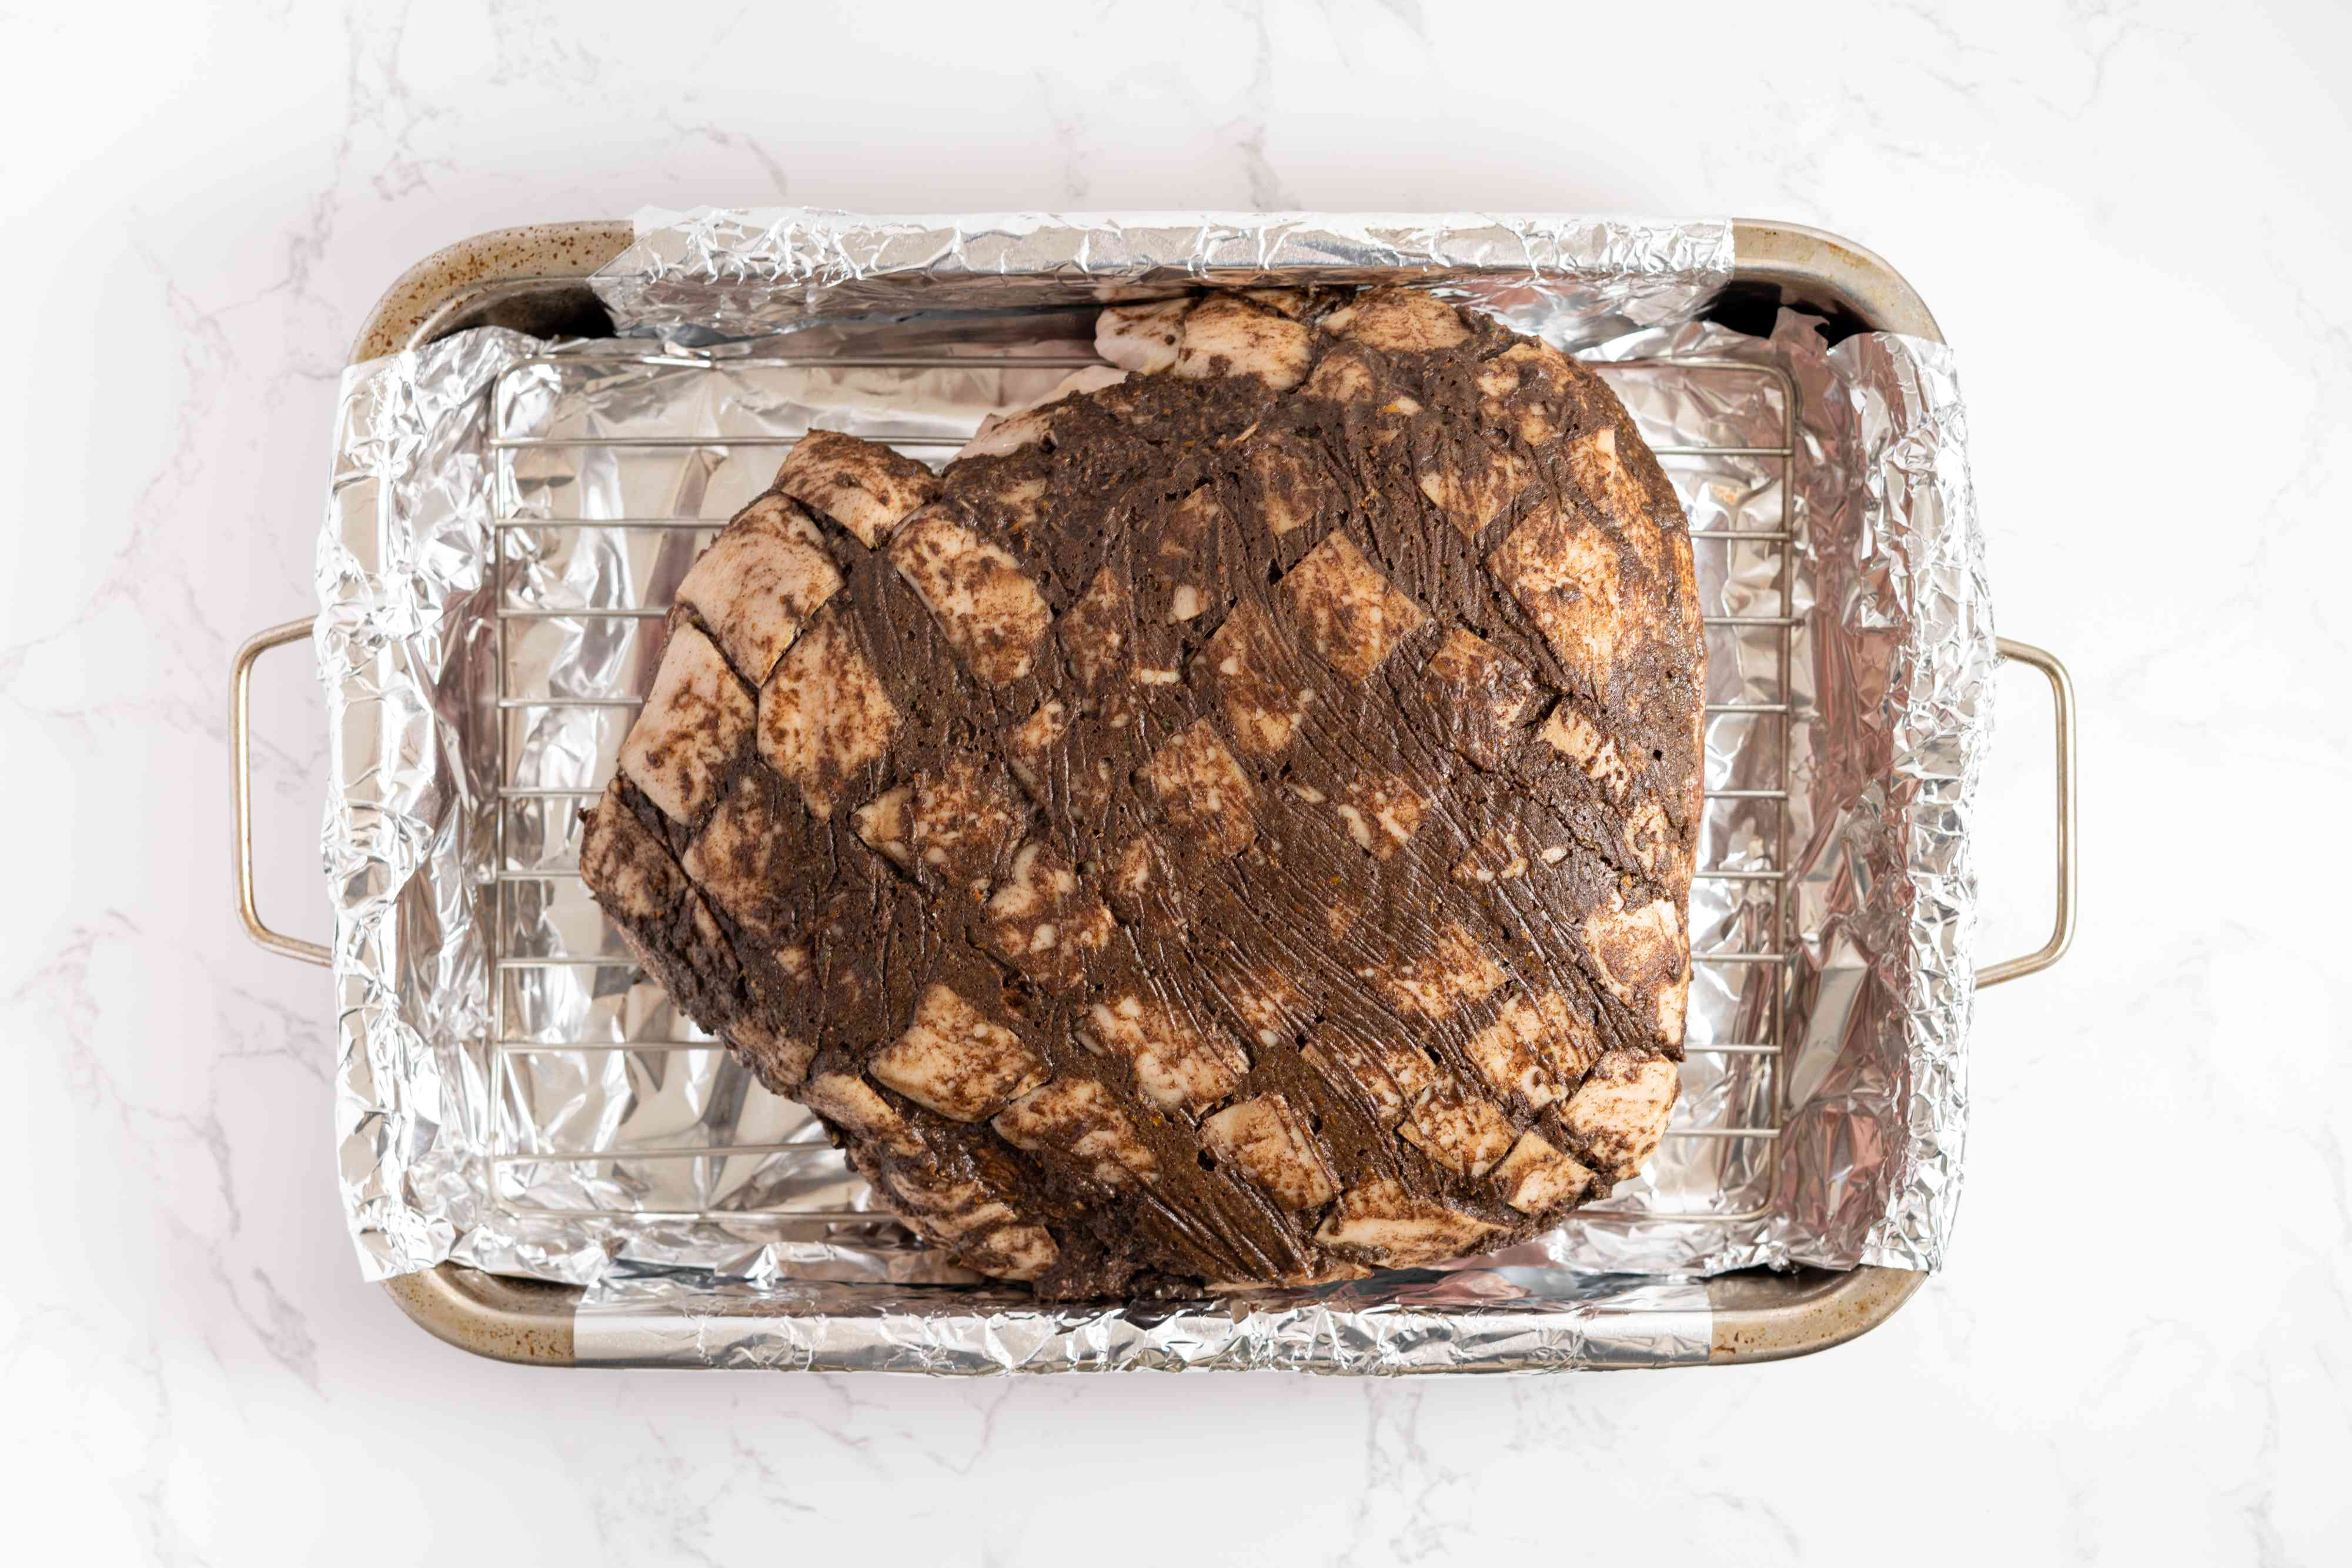 roast pork in a roasting pan